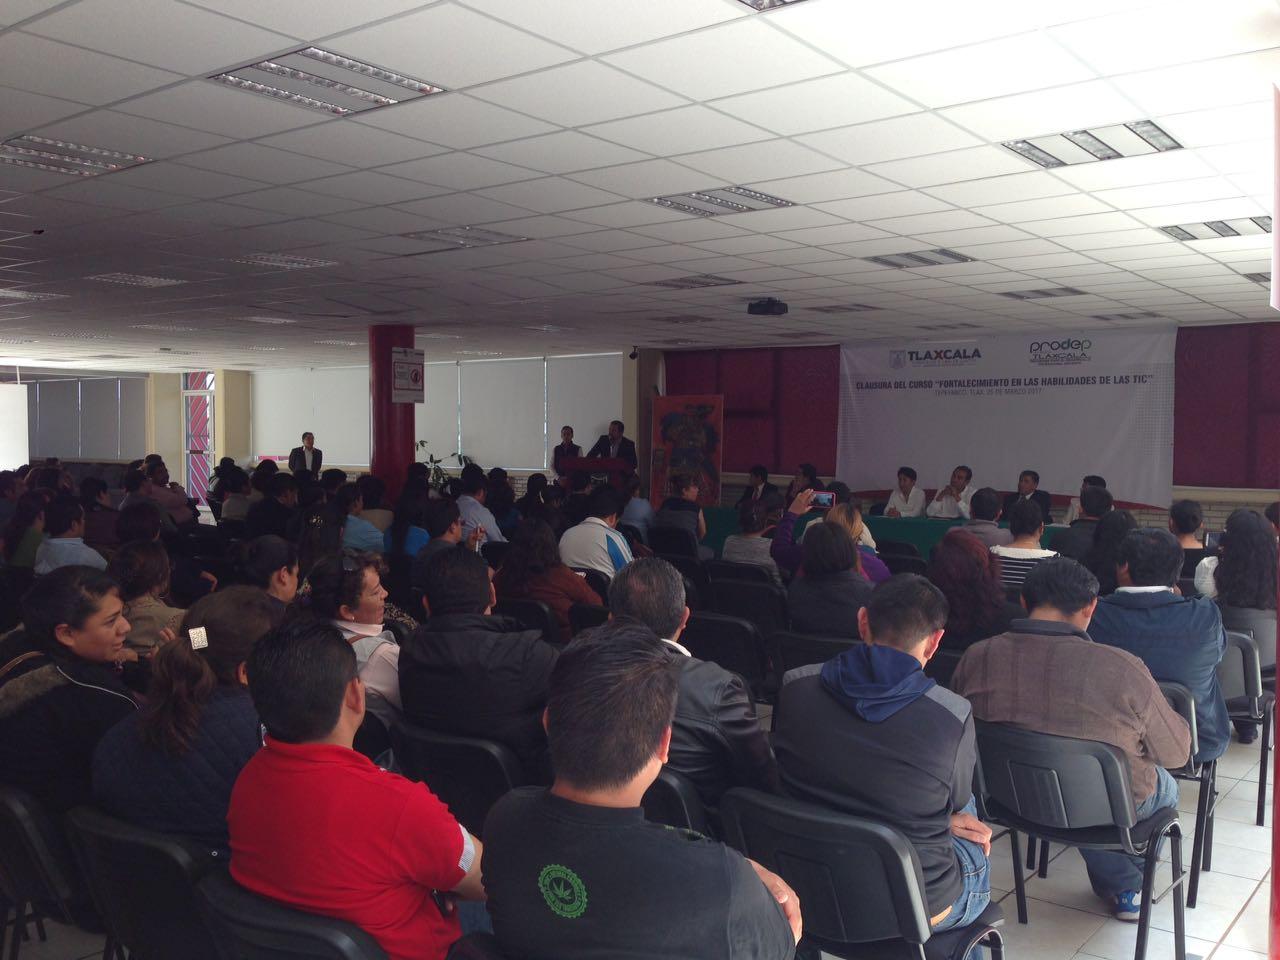 Concluye curso para fortalecer la educación en Tlaxcala